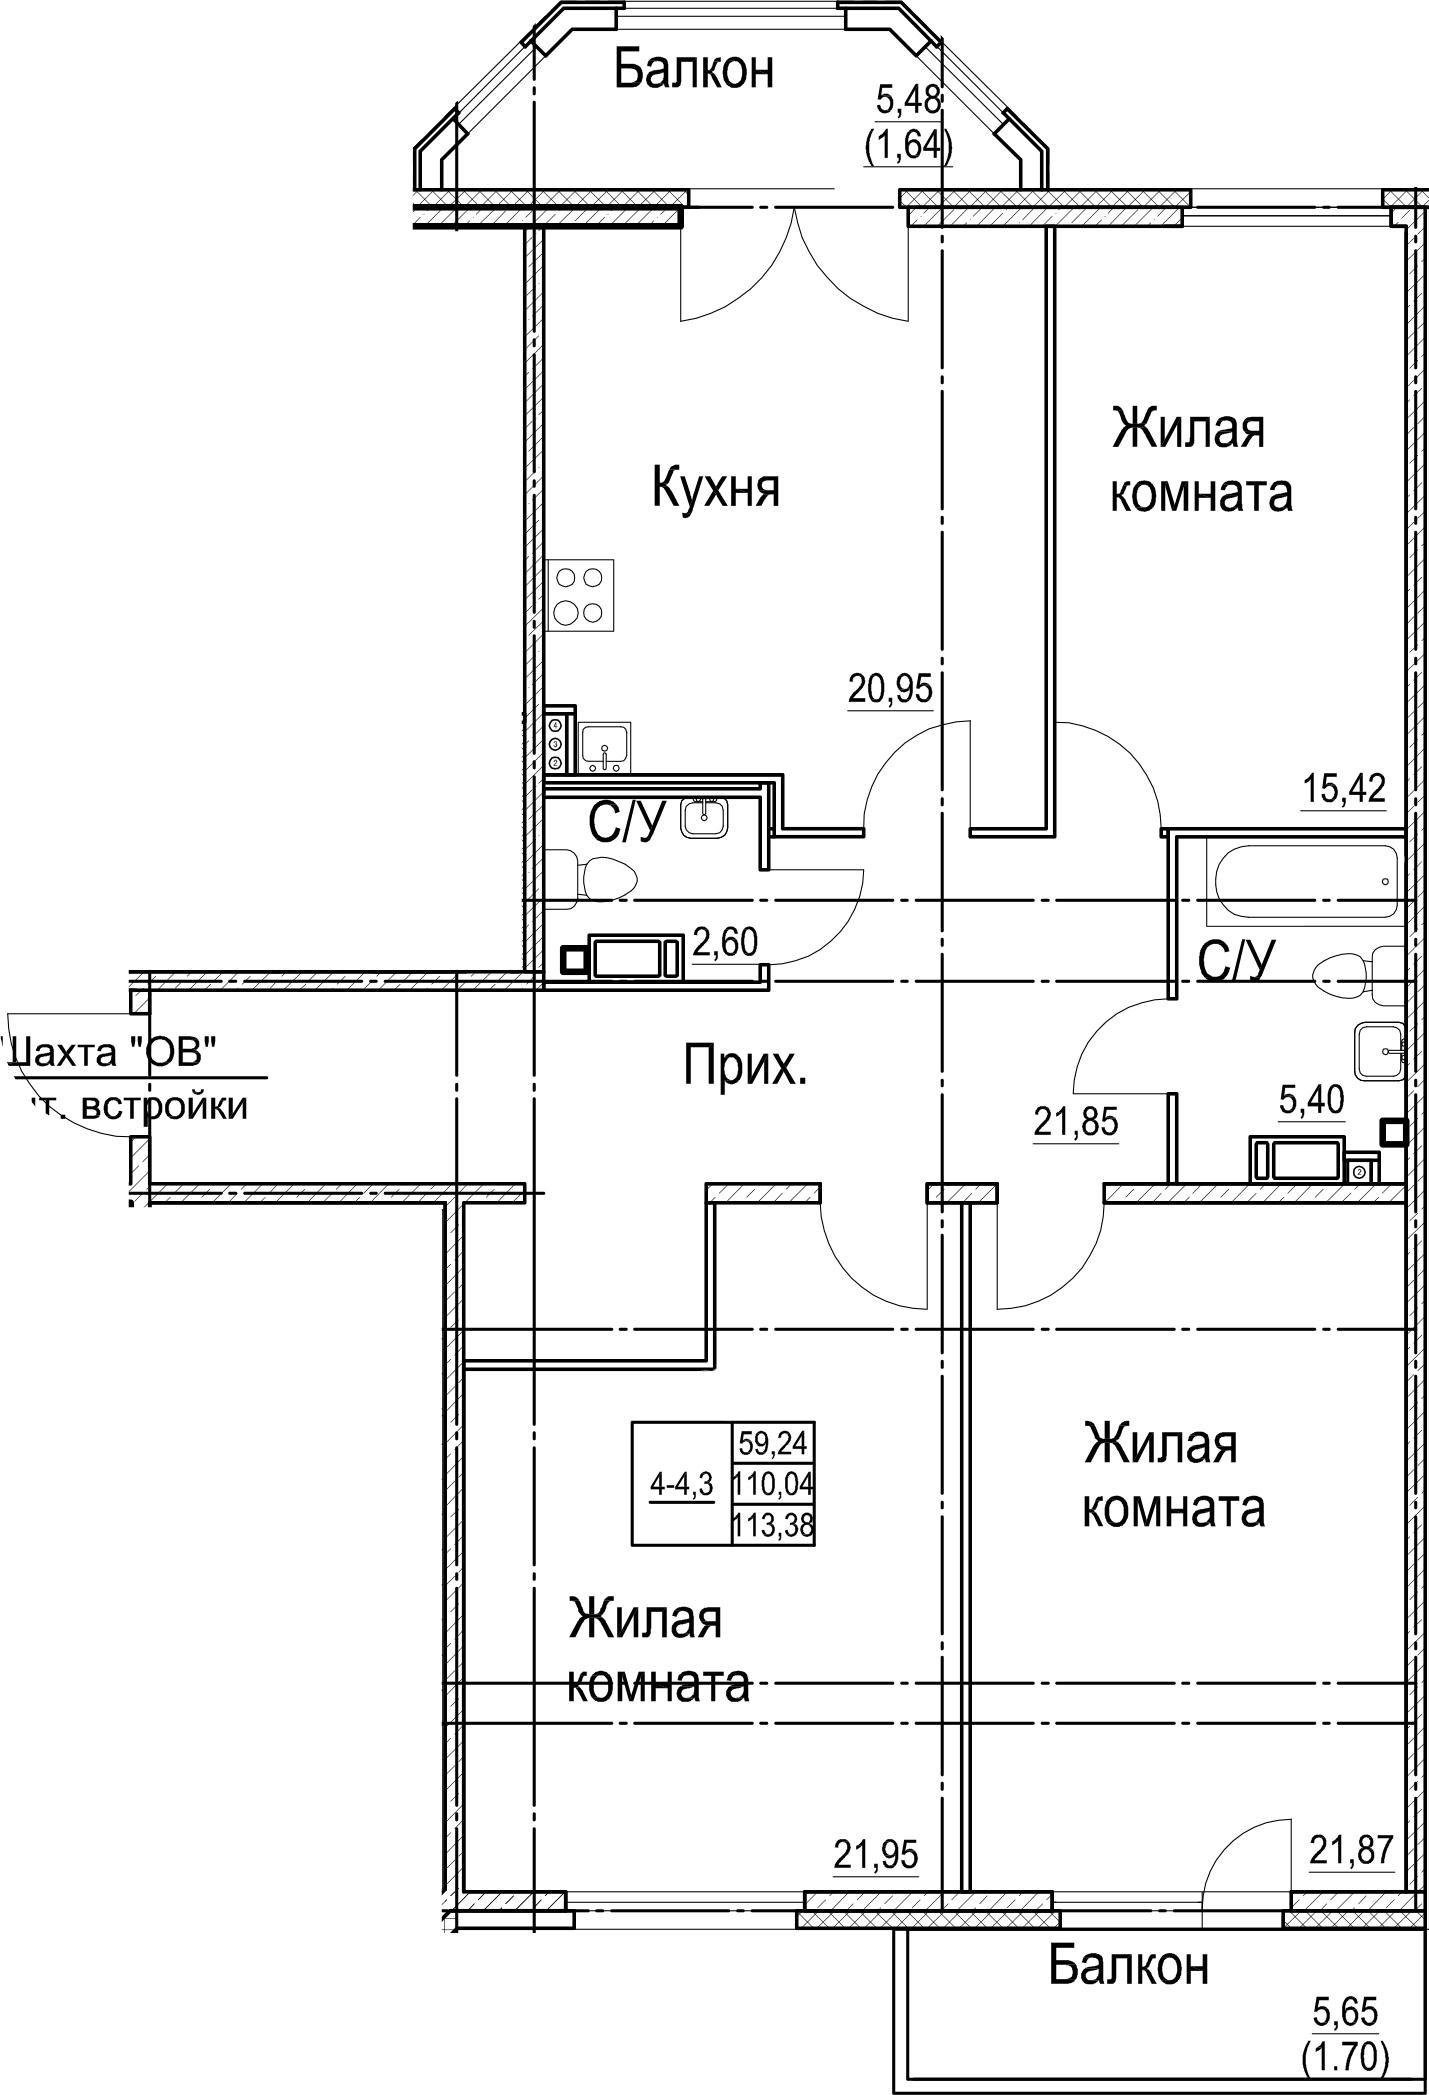 3-комнатная, 113.38 м²– 2